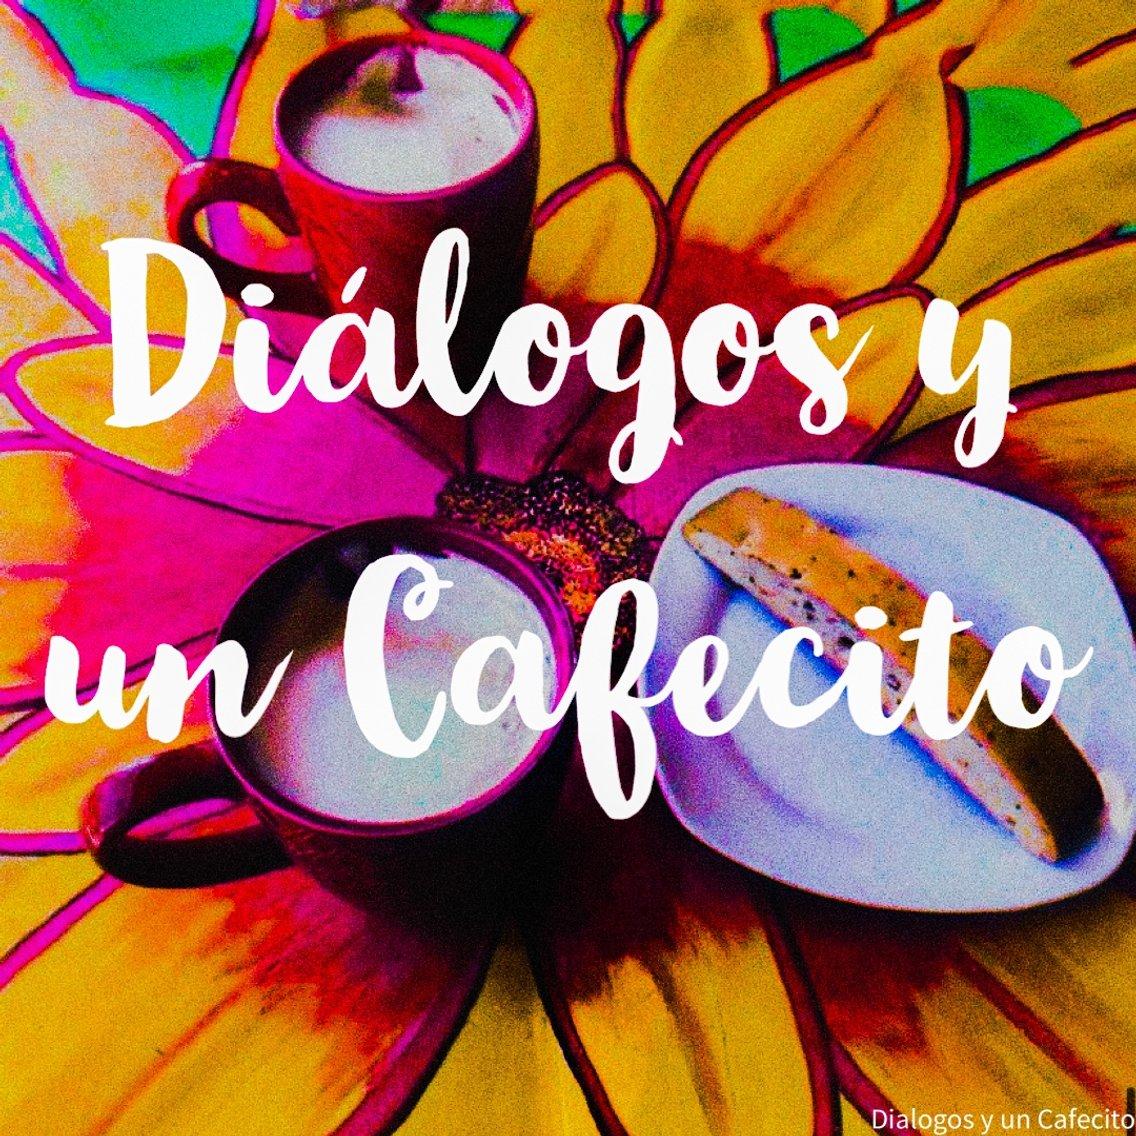 Dialogos y un Cafecito - imagen de portada